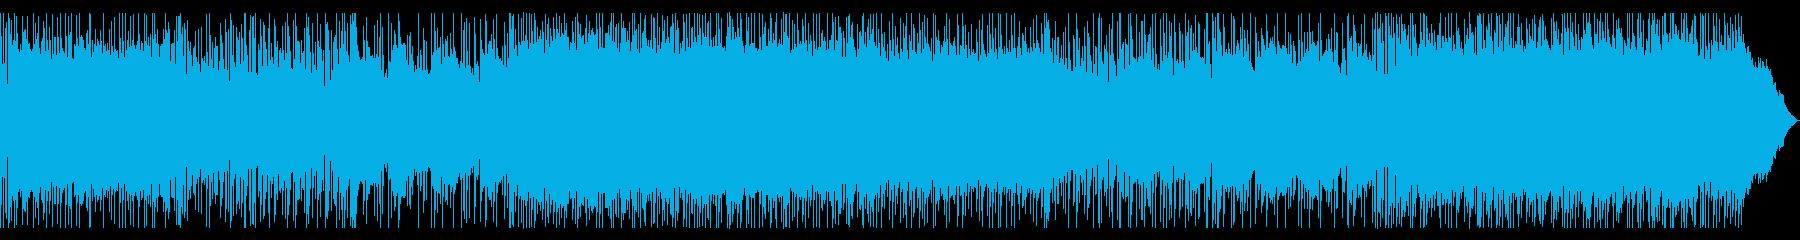 爽やかなギターロックの再生済みの波形